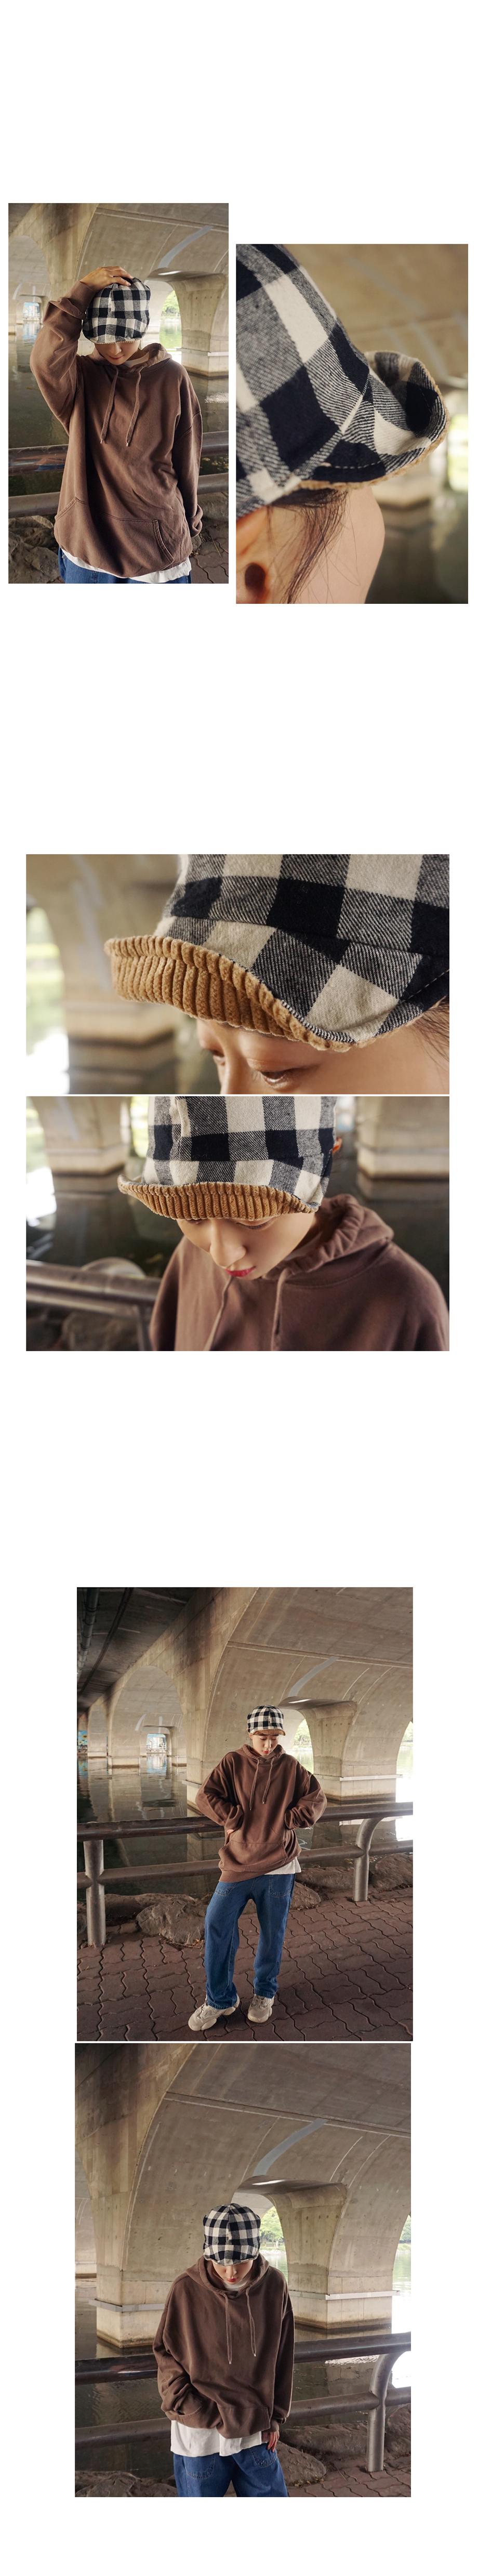 양면 코듀로이 체크기모면캡 벙거지모자 - 앞머리, 22,050원, 모자, 버킷햇